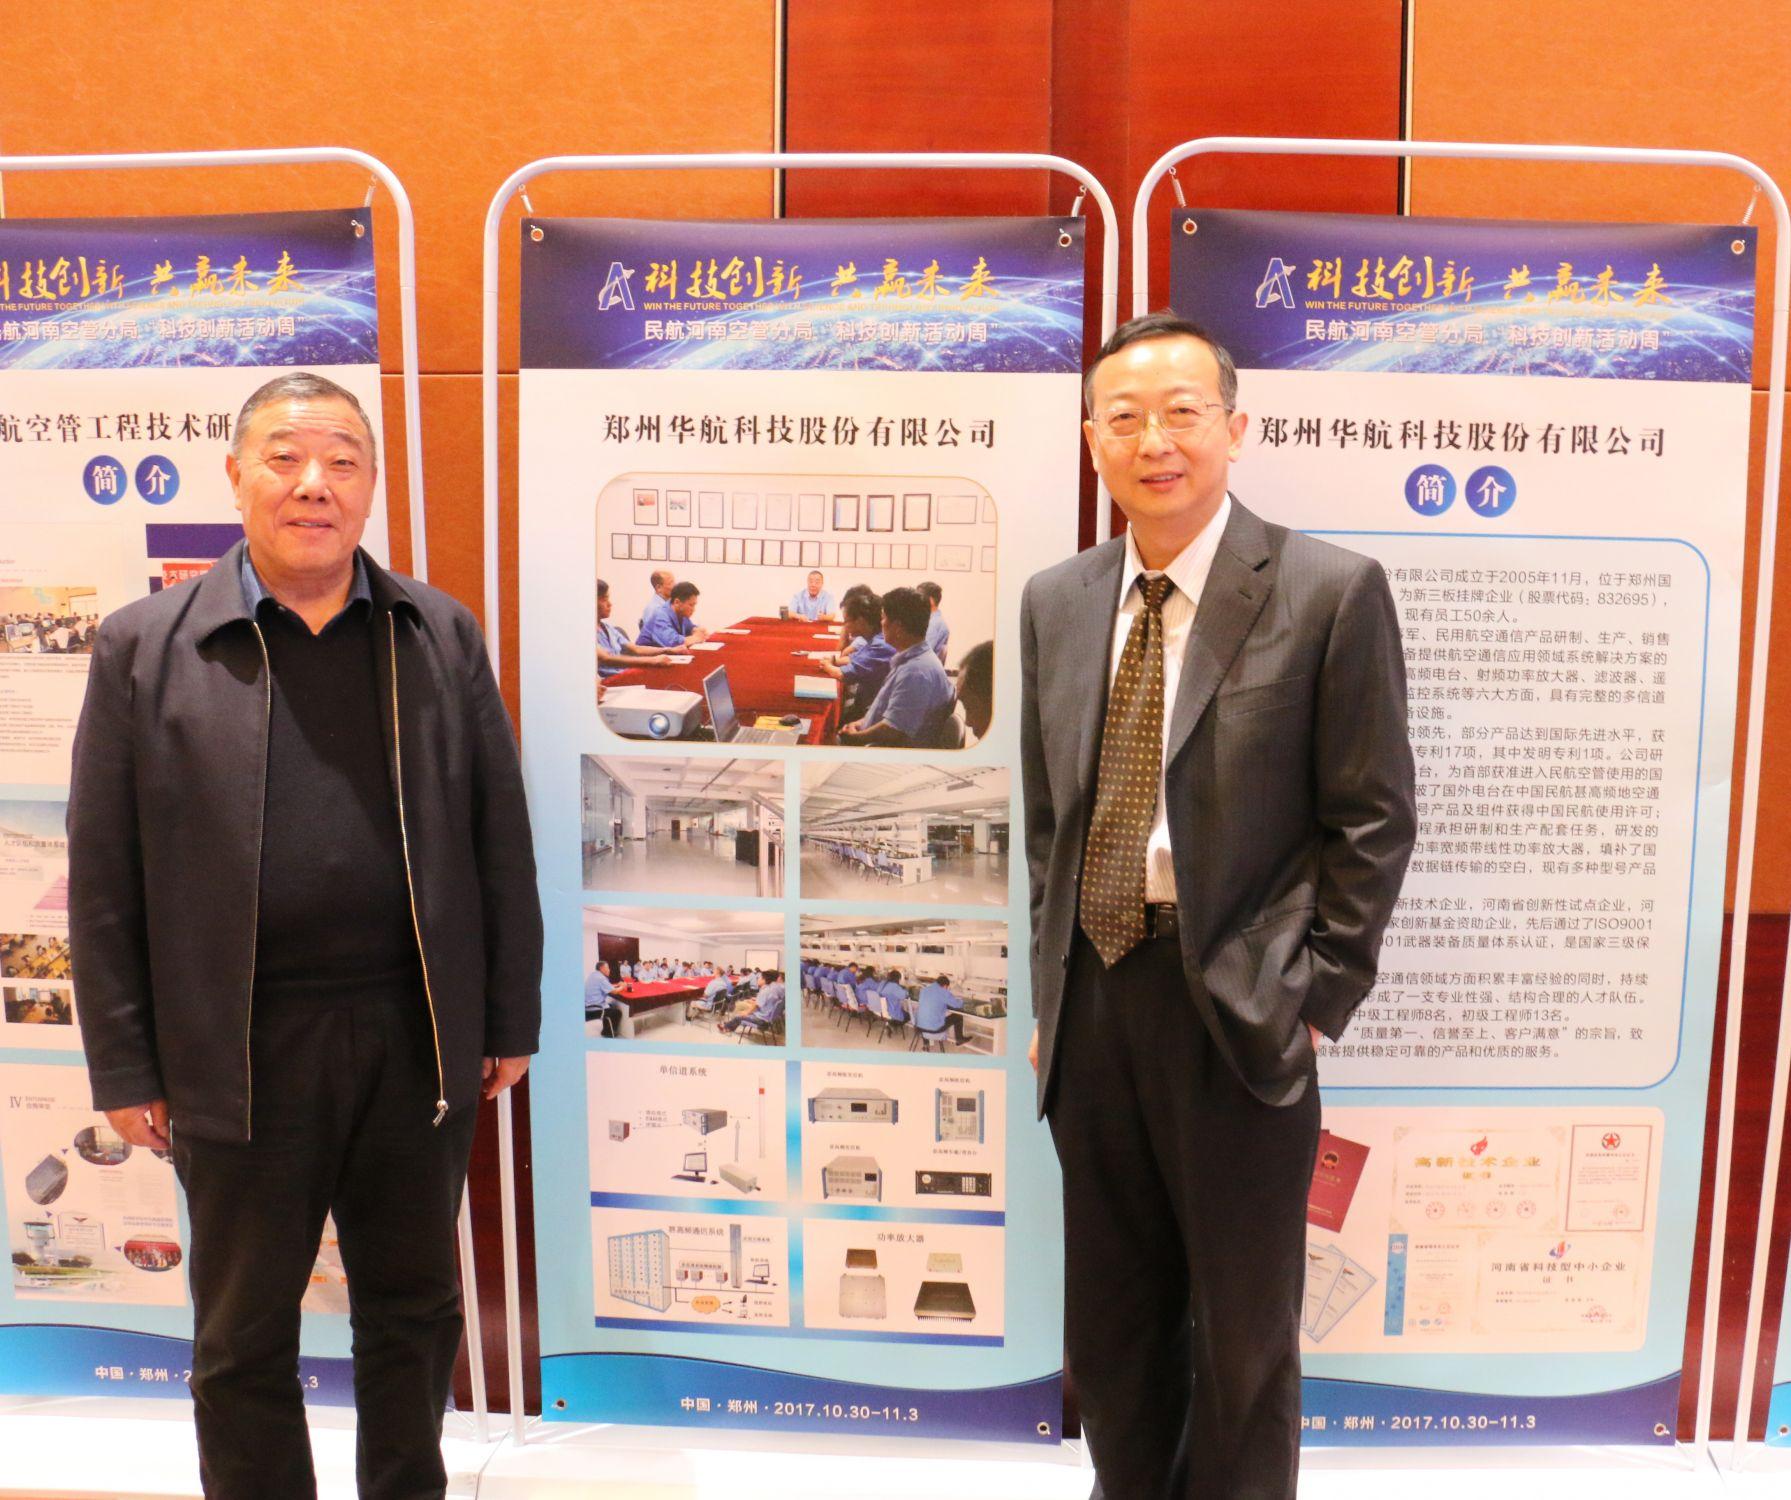 河南空管分局﹒郑州必威体育西汉姆科技签署科技与应用合作框架协议